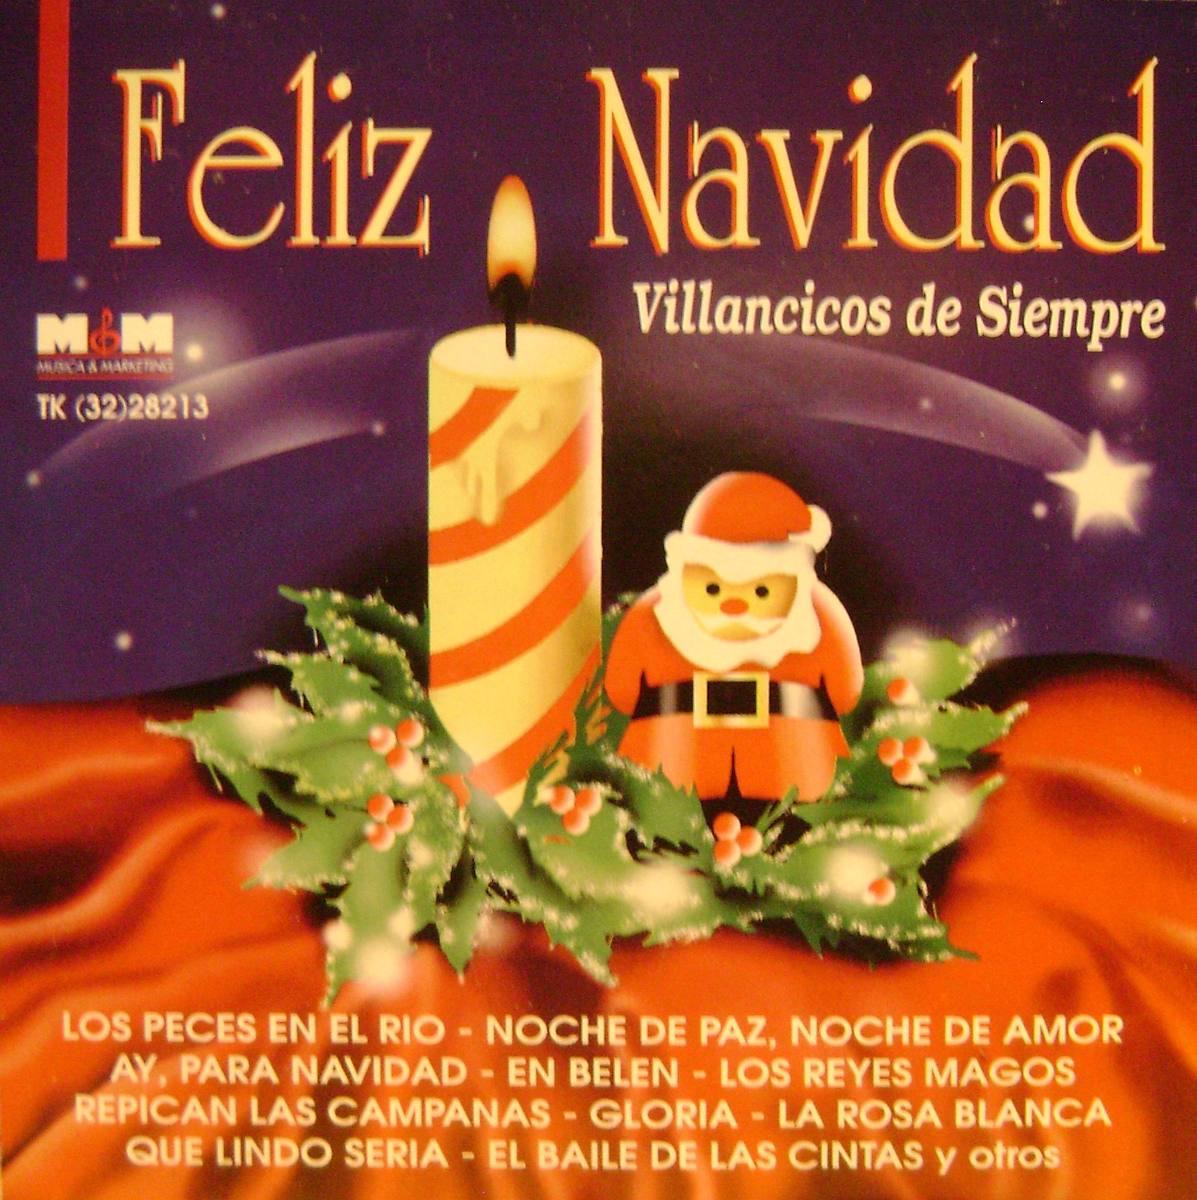 Villancico Feliz Navidad A Todos.Villancicos Feliz Navidad Cd Original 180 00